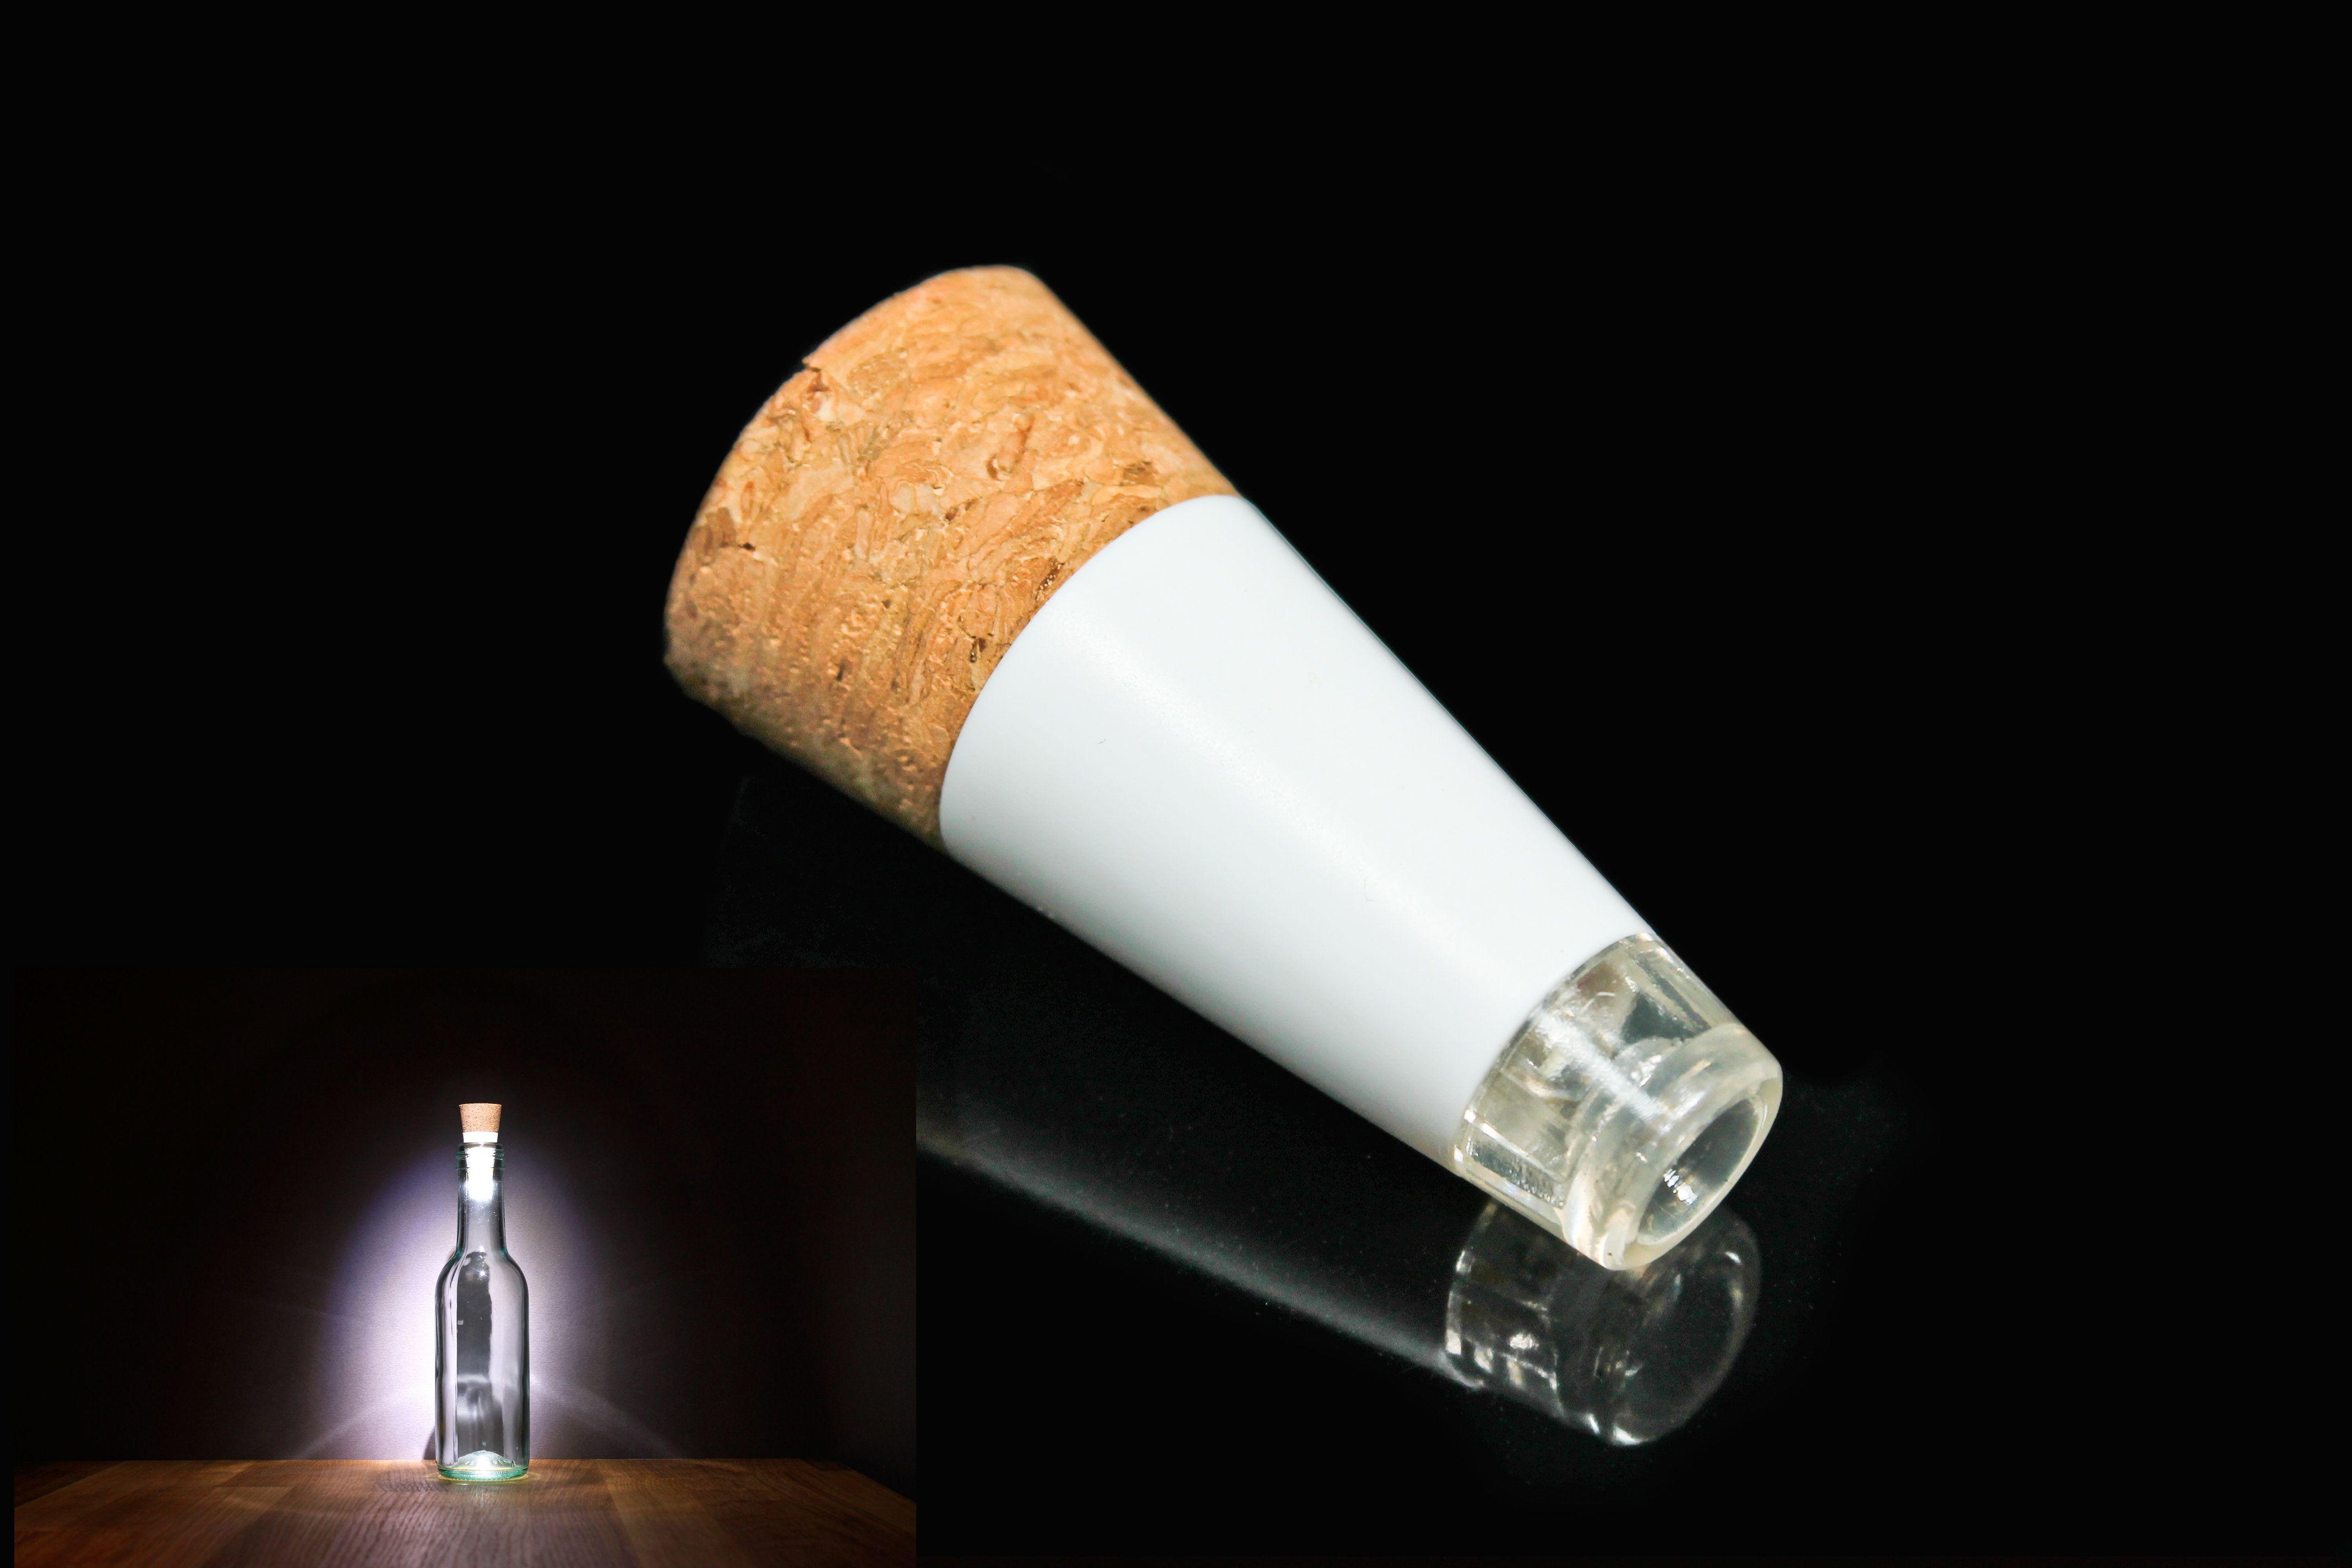 Convierte tu botella favorita en una lámpara con Bottlelight, carga el USB, colócala en la botella como un corcho, enciéndela y listo. Diseño de Steve Gates.